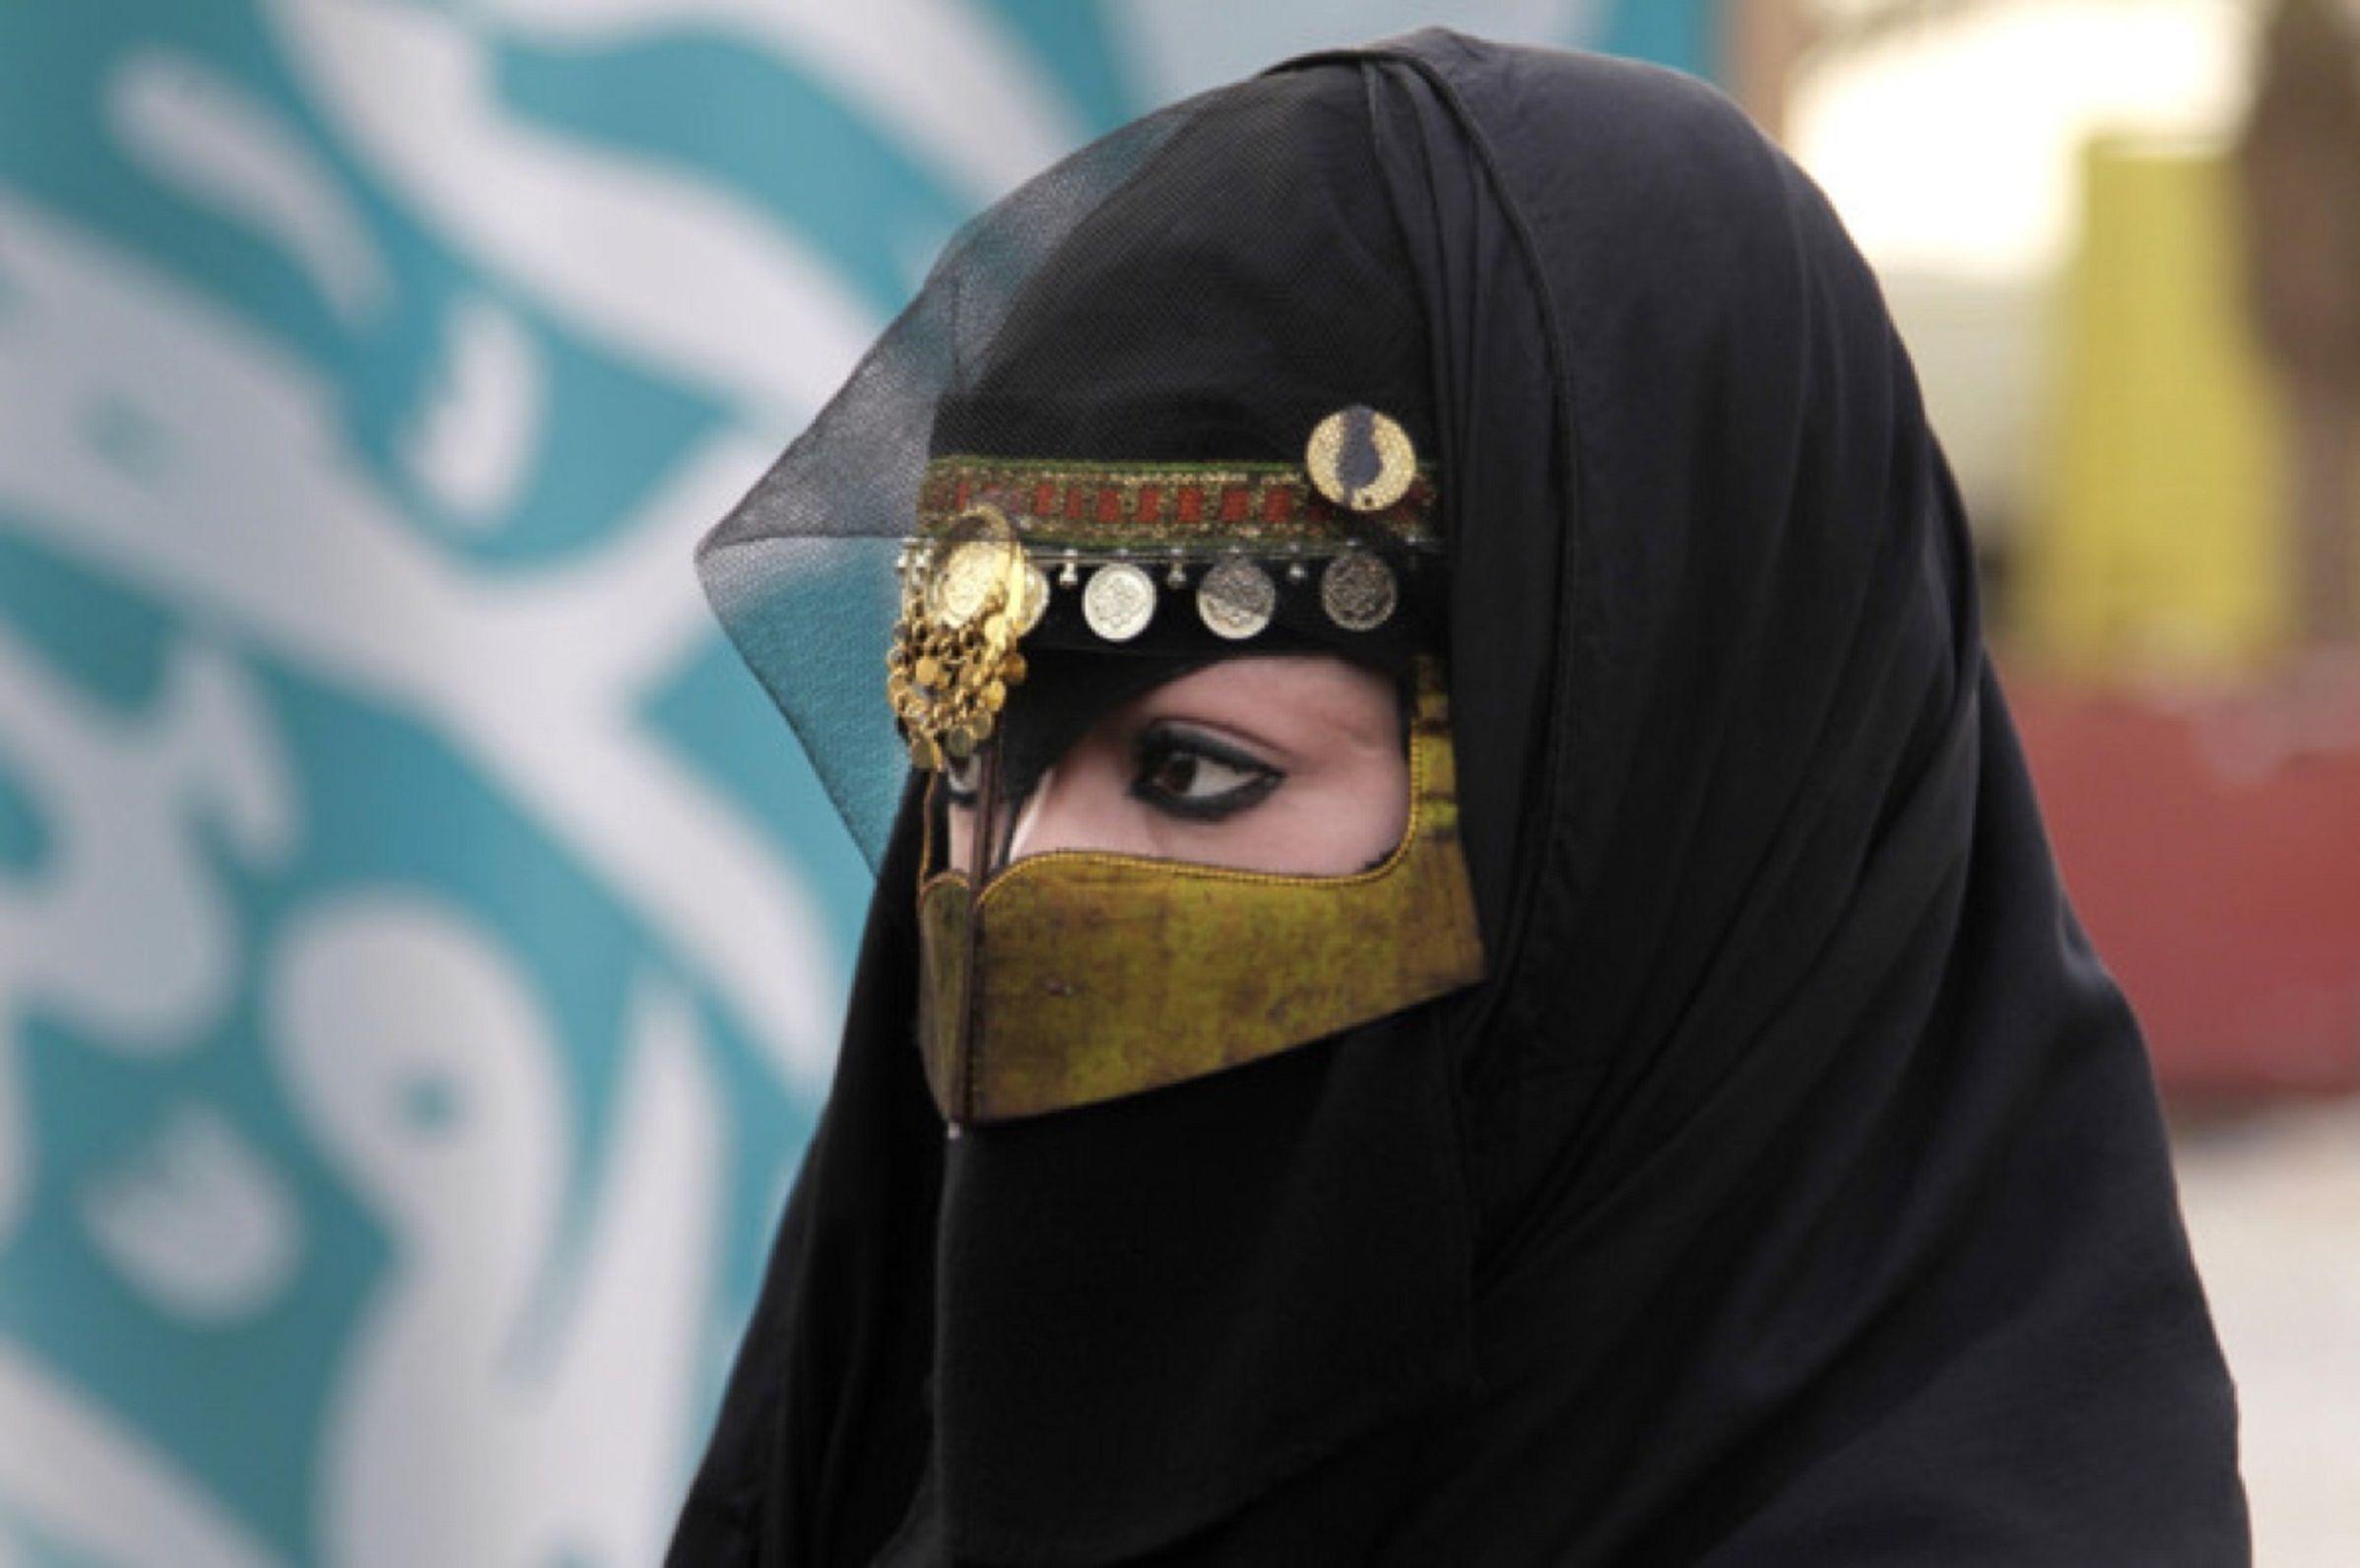 Por primera vez, las mujeres de Arabia Saudita van a poder salir del país sin permiso de los hombres